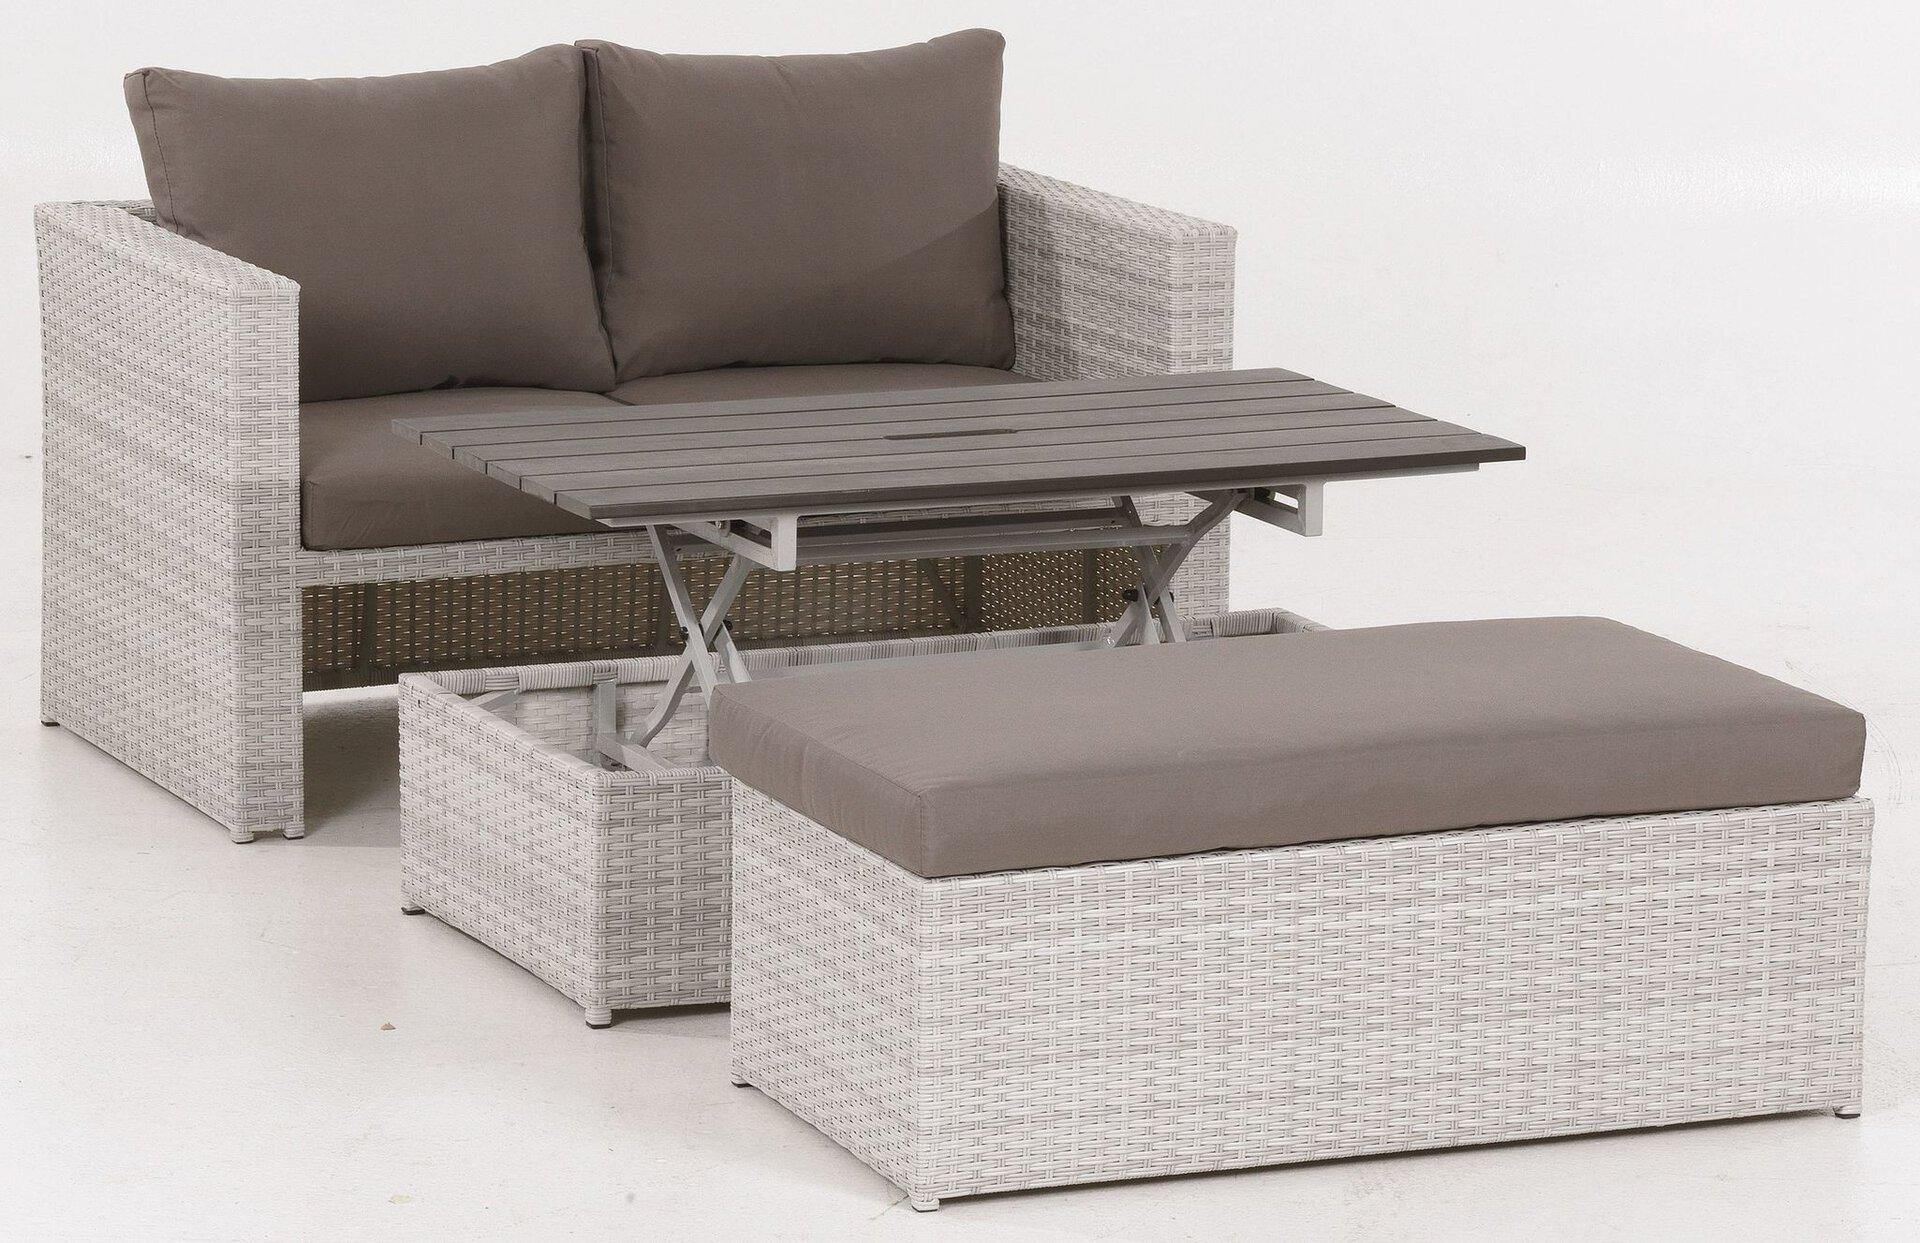 Balkon-Set ARNE Outdoor Textil weiß 58 x 55 x 108 cm